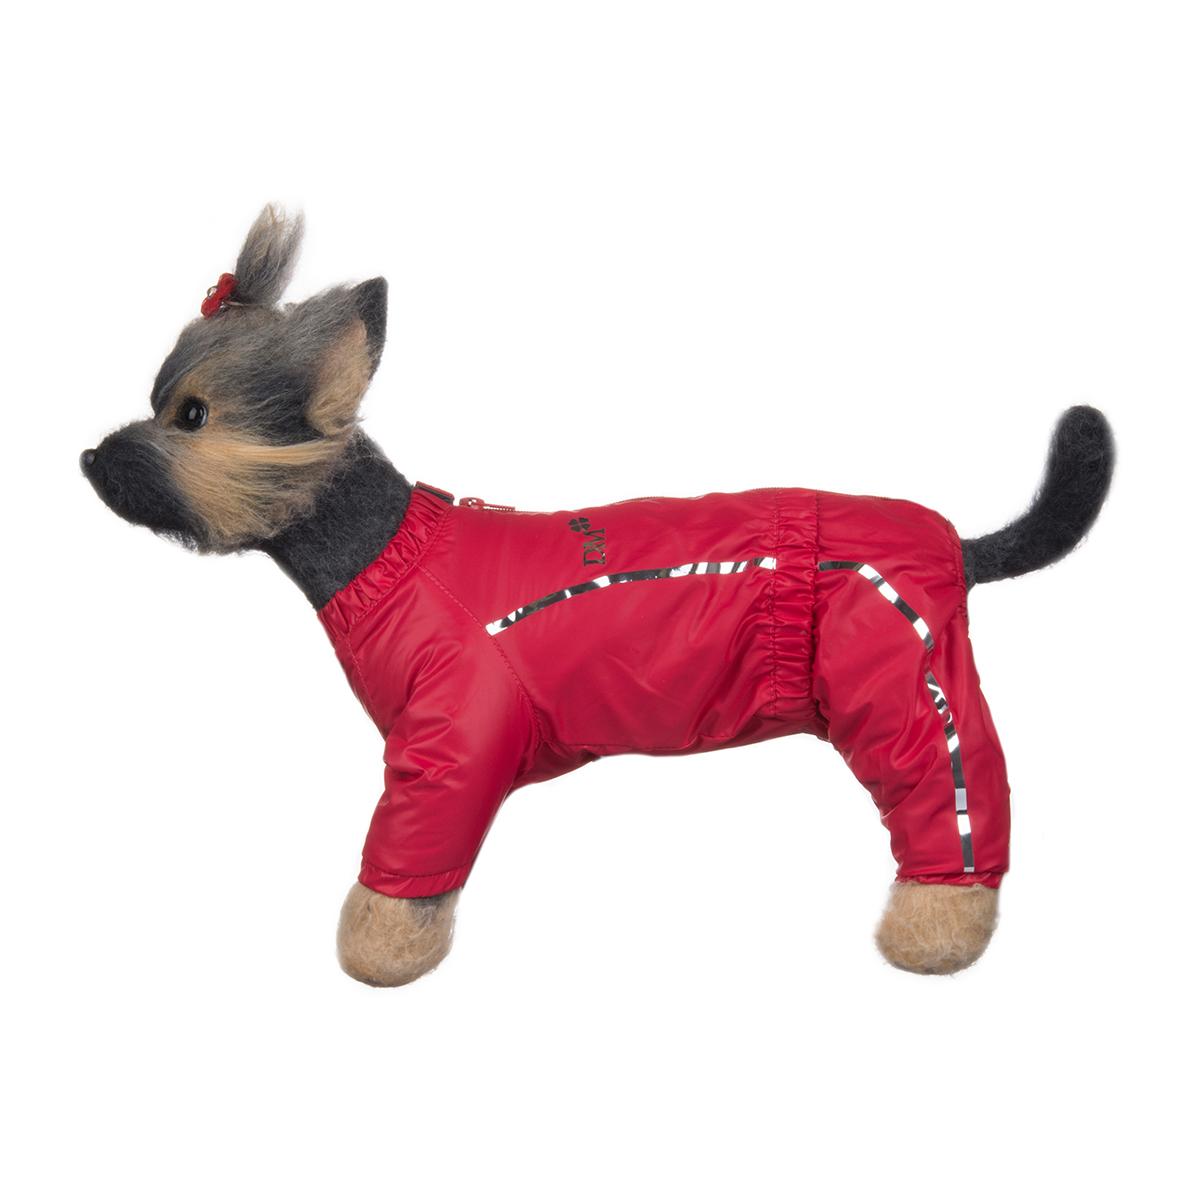 Комбинезон для собак Dogmoda Альпы, для девочки, цвет: фуксия. Размер 1 (S)0120710Комбинезон для собак Dogmoda Альпы отлично подойдет для прогулок поздней осенью или ранней весной.Комбинезон изготовлен из полиэстера, защищающего от ветра и осадков, с подкладкой из флиса, которая сохранит тепло и обеспечит отличный воздухообмен. Комбинезон застегивается на молнию и липучку, благодаря чему его легко надевать и снимать. Ворот, низ рукавов и брючин оснащены внутренними резинками, которые мягко обхватывают шею и лапки, не позволяя просачиваться холодному воздуху. На пояснице имеется внутренняя резинка. Изделие декорировано серебристыми полосками и надписью DM.Благодаря такому комбинезону простуда не грозит вашему питомцу и он не даст любимцу продрогнуть на прогулке.